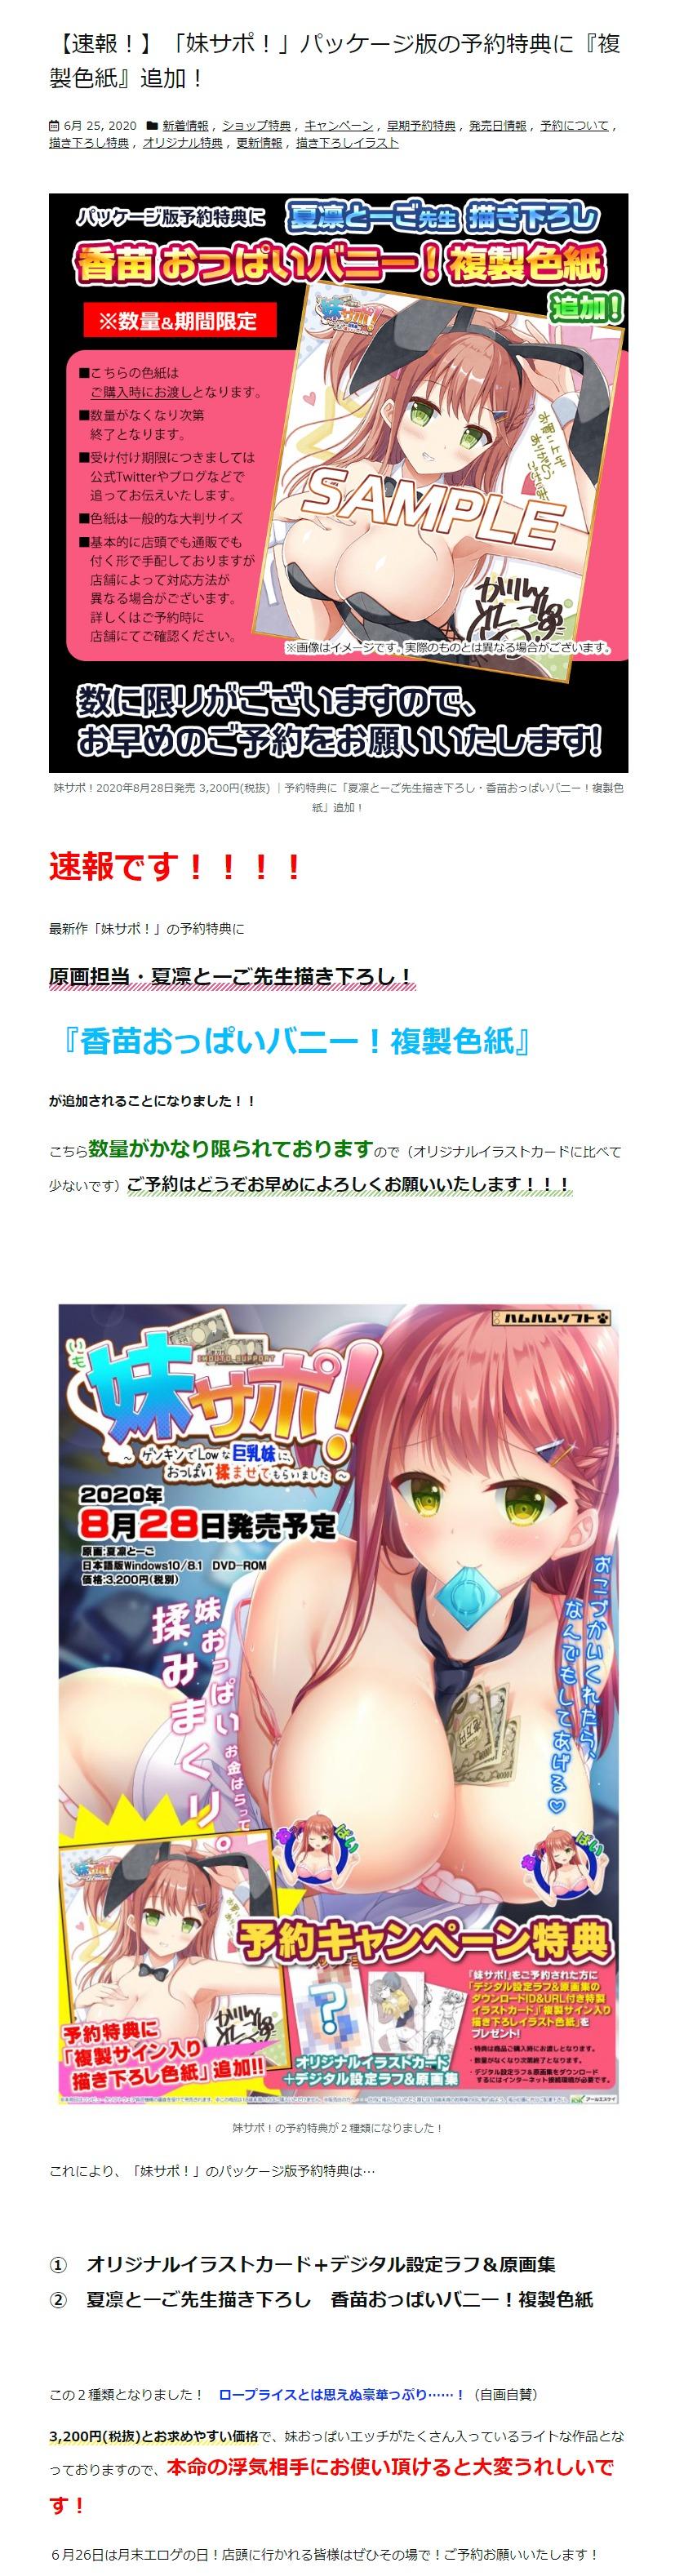 はむはむソフト公式Web_美少女ゲームブランド